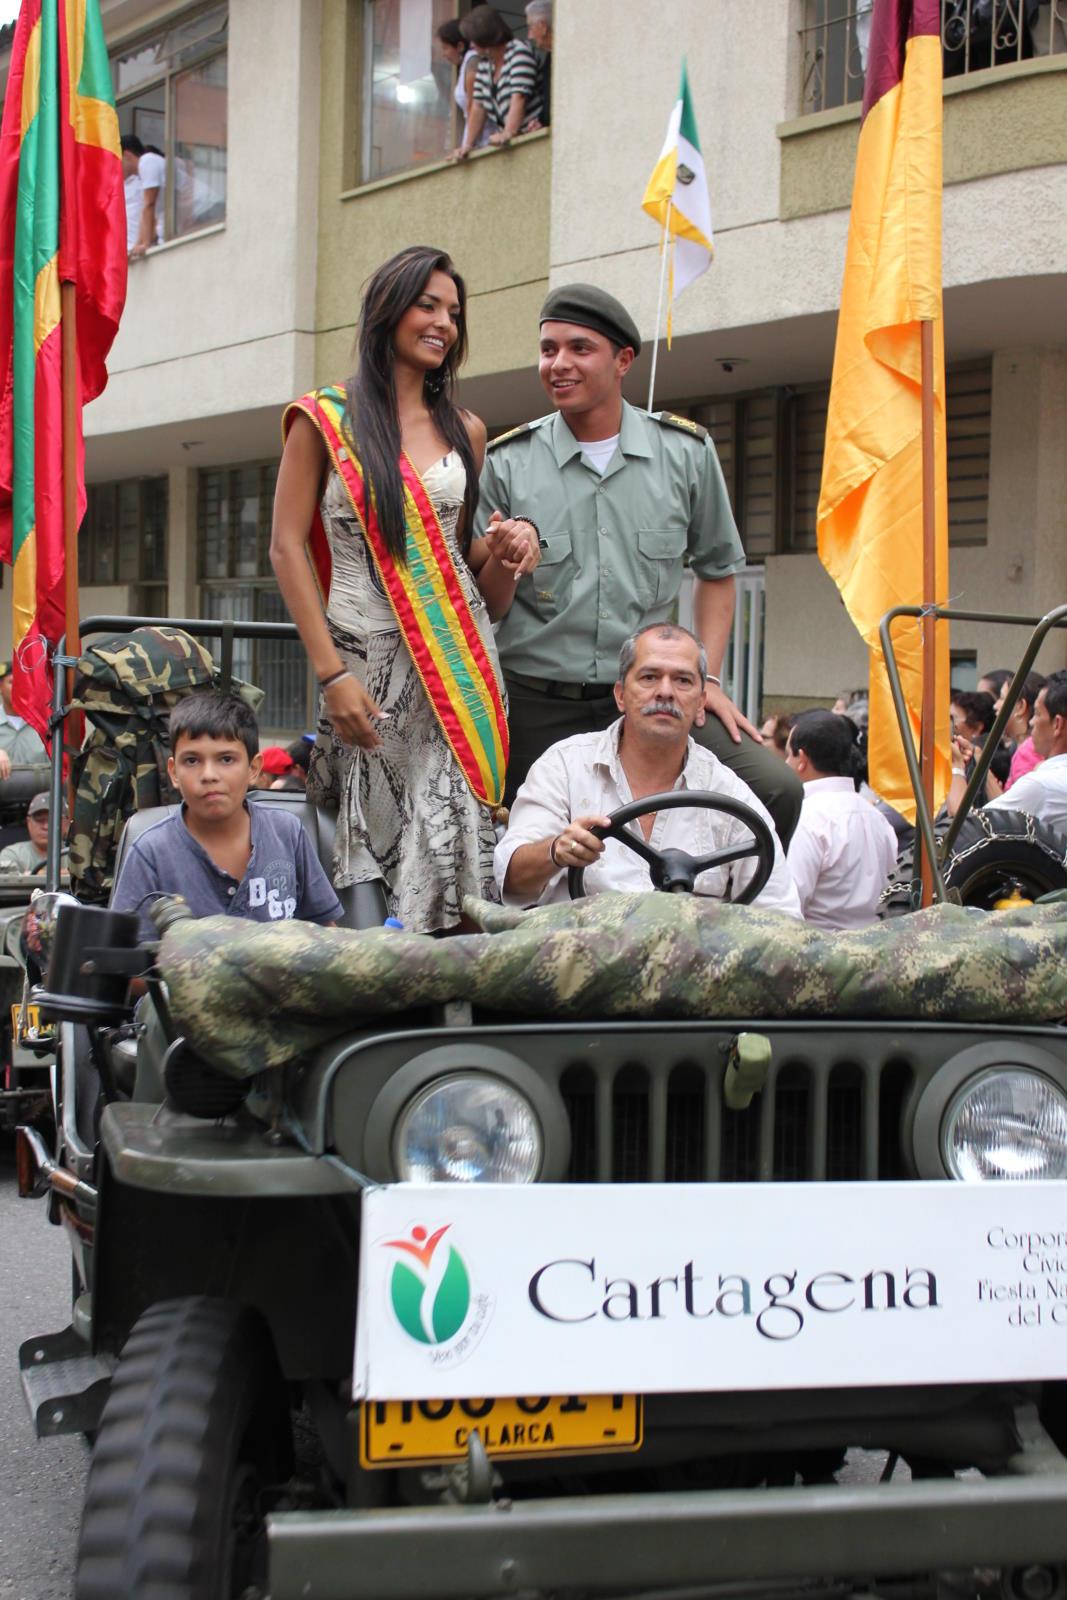 Cartagena - Yoselín Rincón Castillo